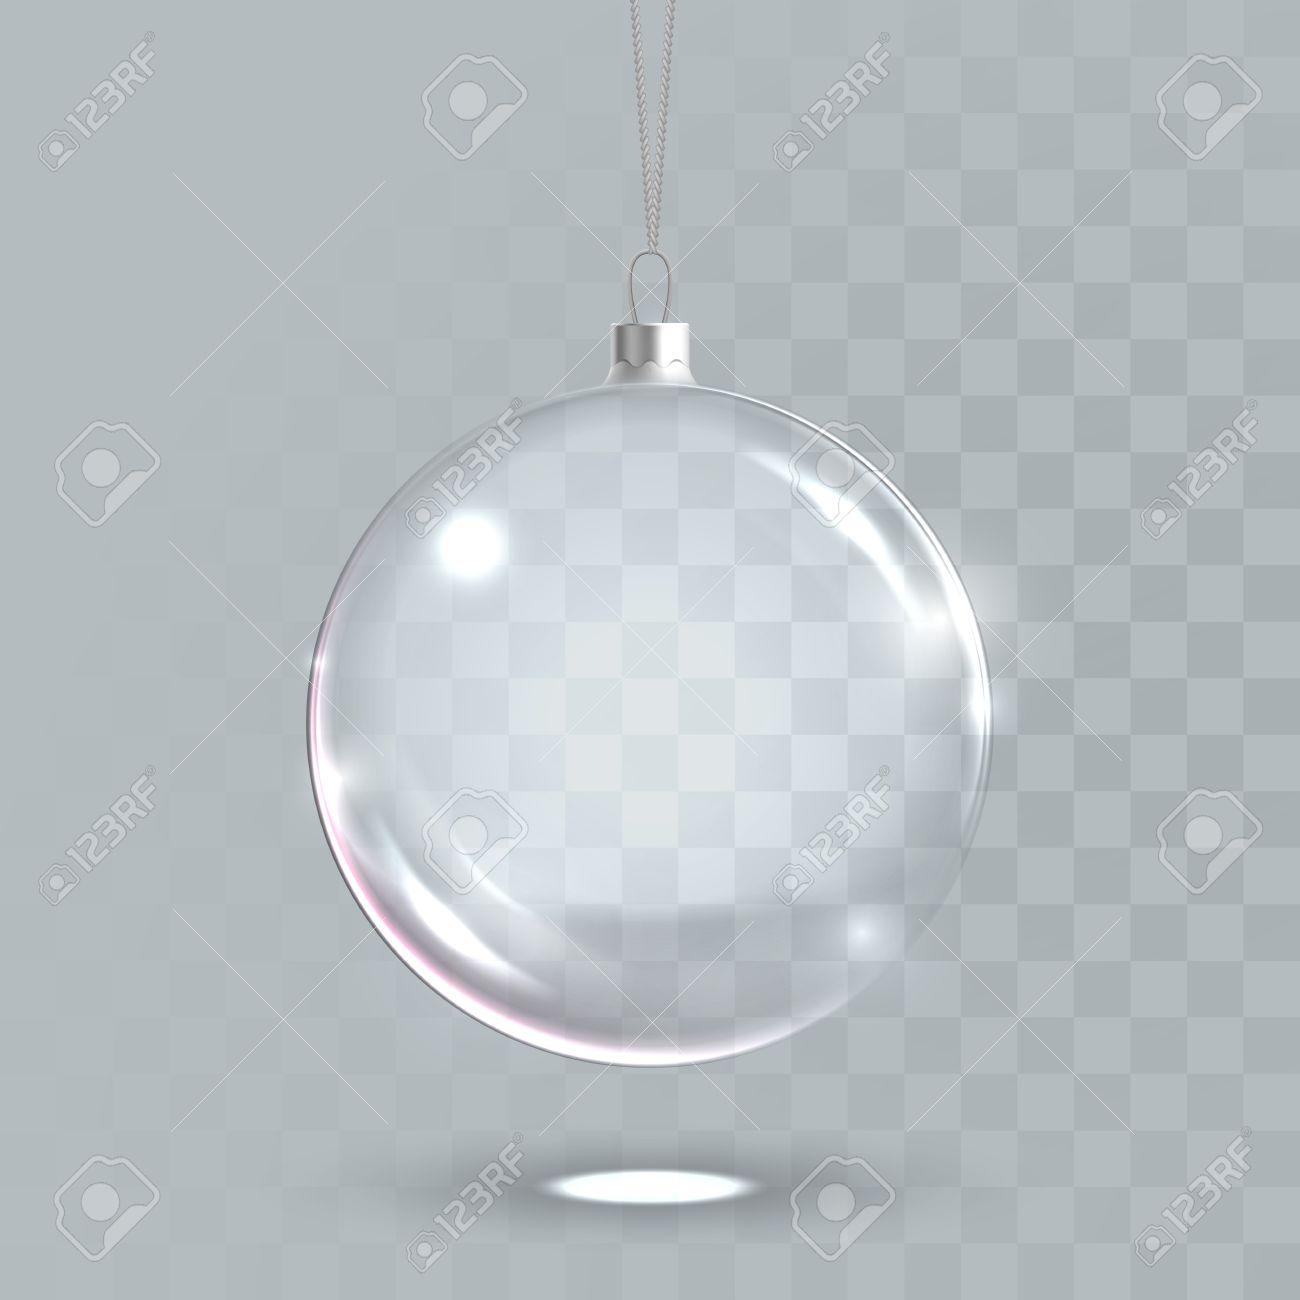 Bola De Navidad Transparente Vector 3d Bola Aislada Esfera De - Bolas-de-navidad-transparentes